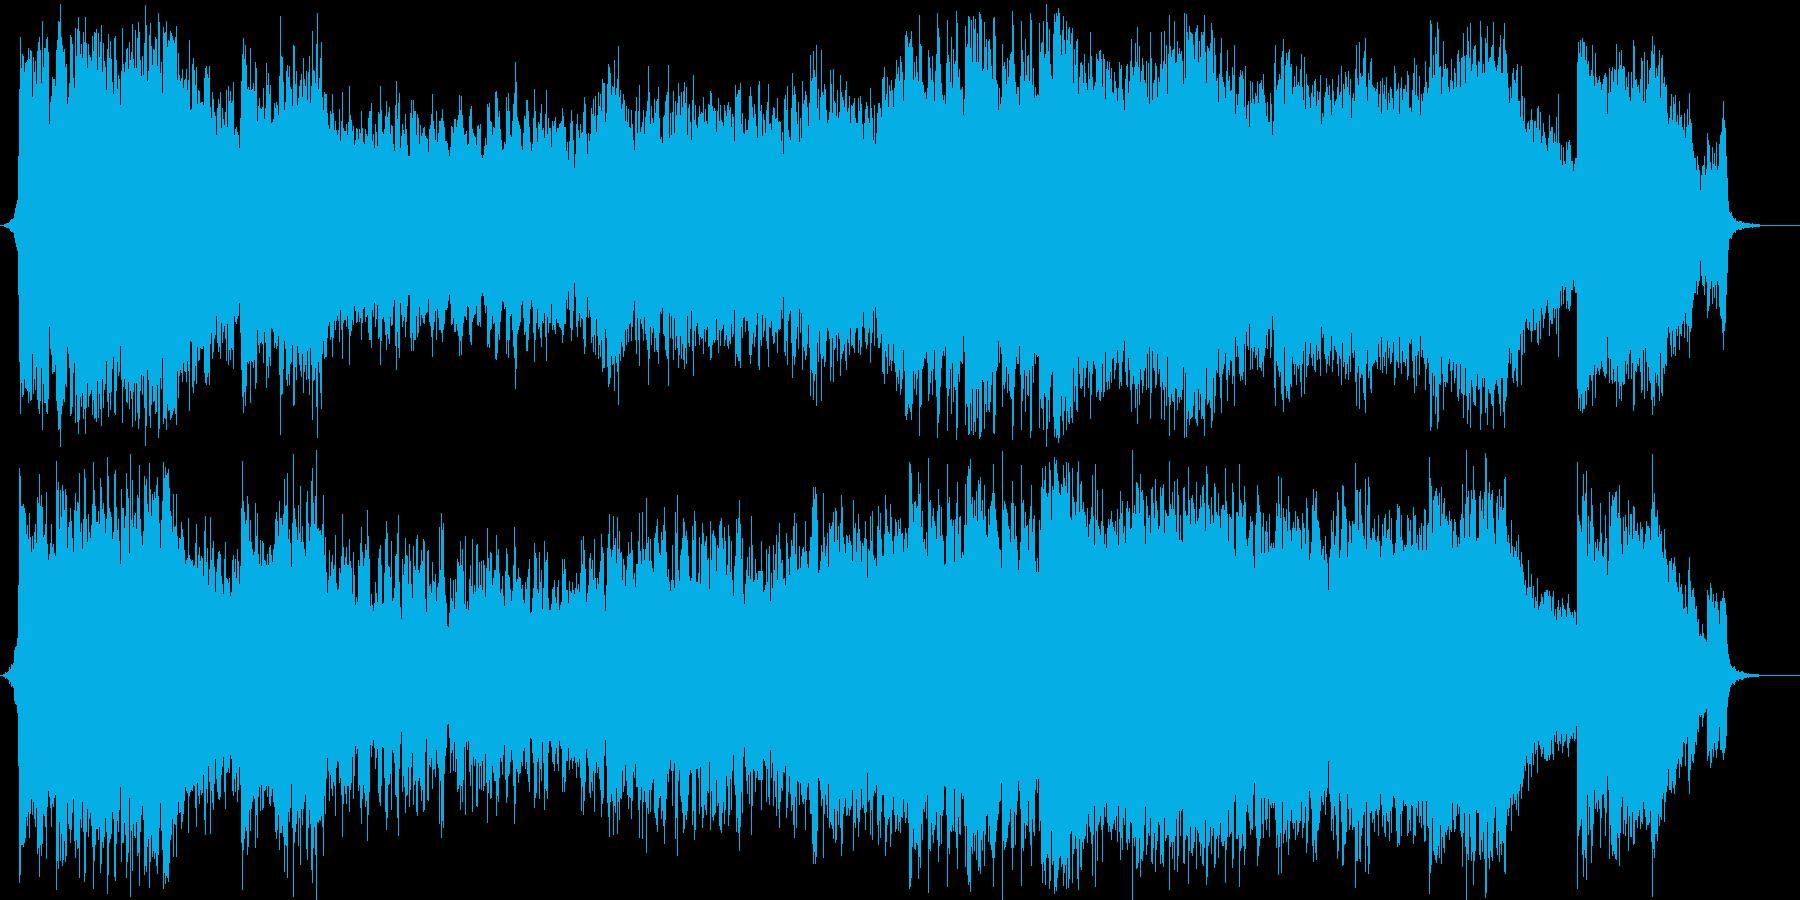 オーケストラの構成で、最後の戦いをイメ…の再生済みの波形